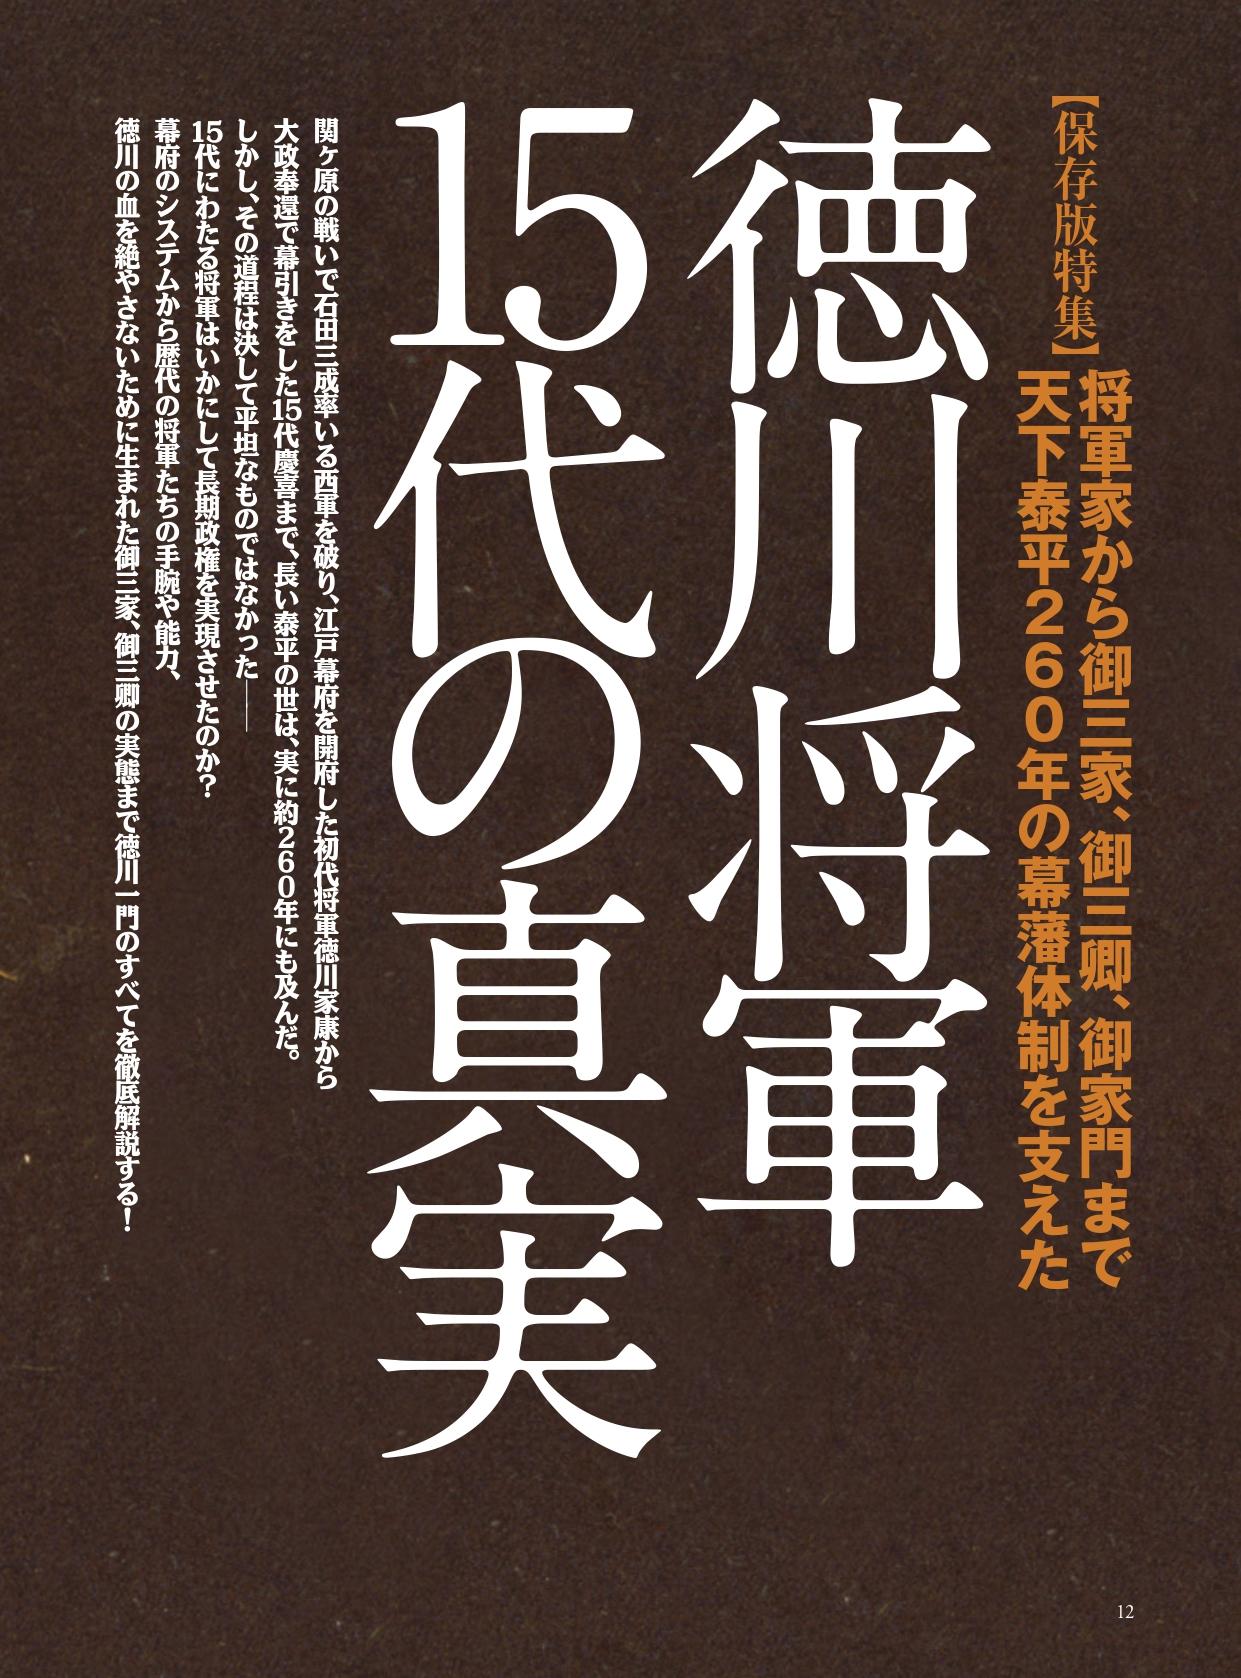 [保存版特集]天下泰平260年の幕藩体制を支えた『徳川将軍15代の真実』の目次画像0